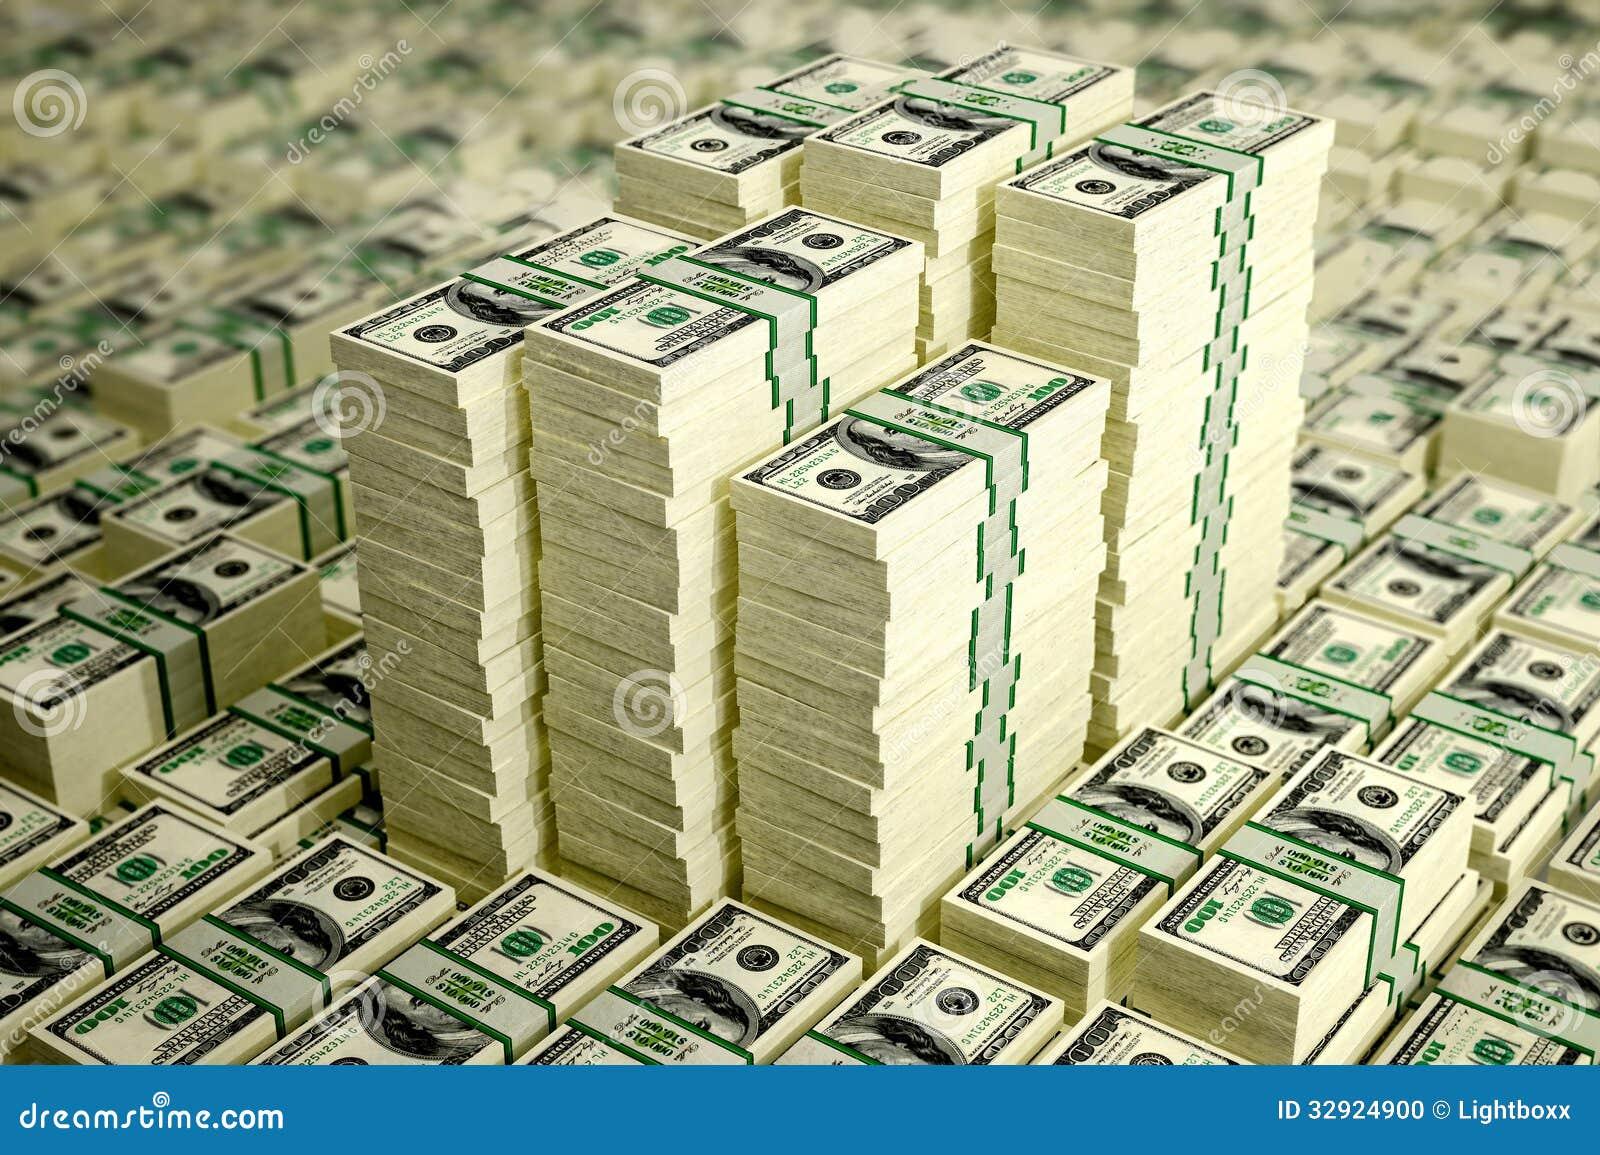 3d rendering piles of dollar bills with dof effect